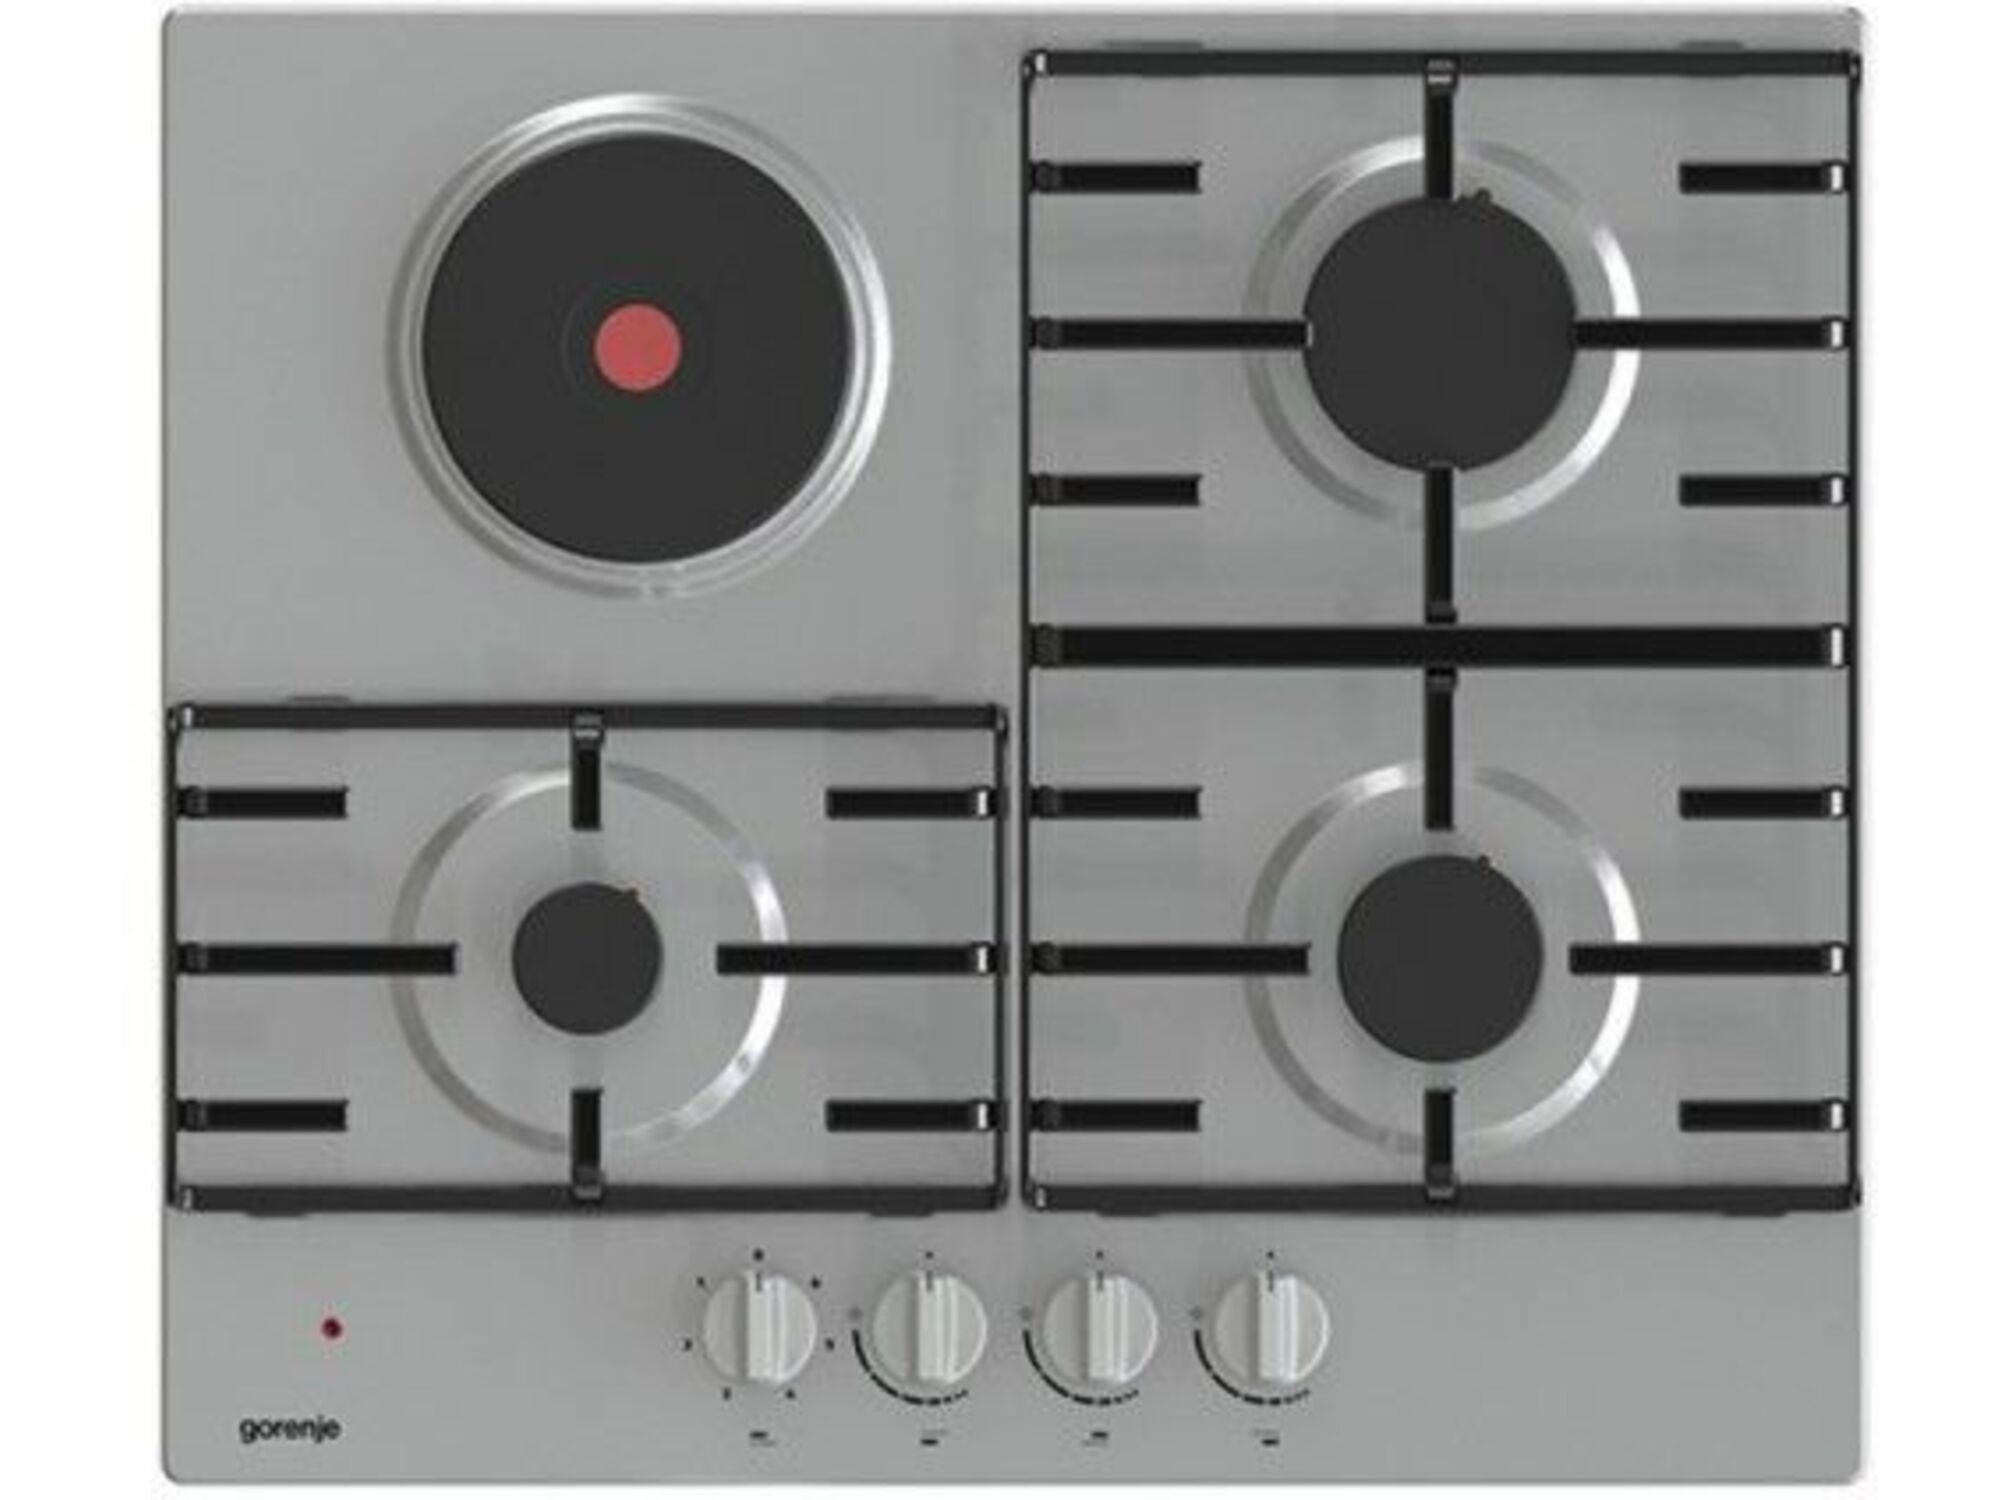 GGorenje Ugradna kombinovana ploča za kuvanje GE 681 X